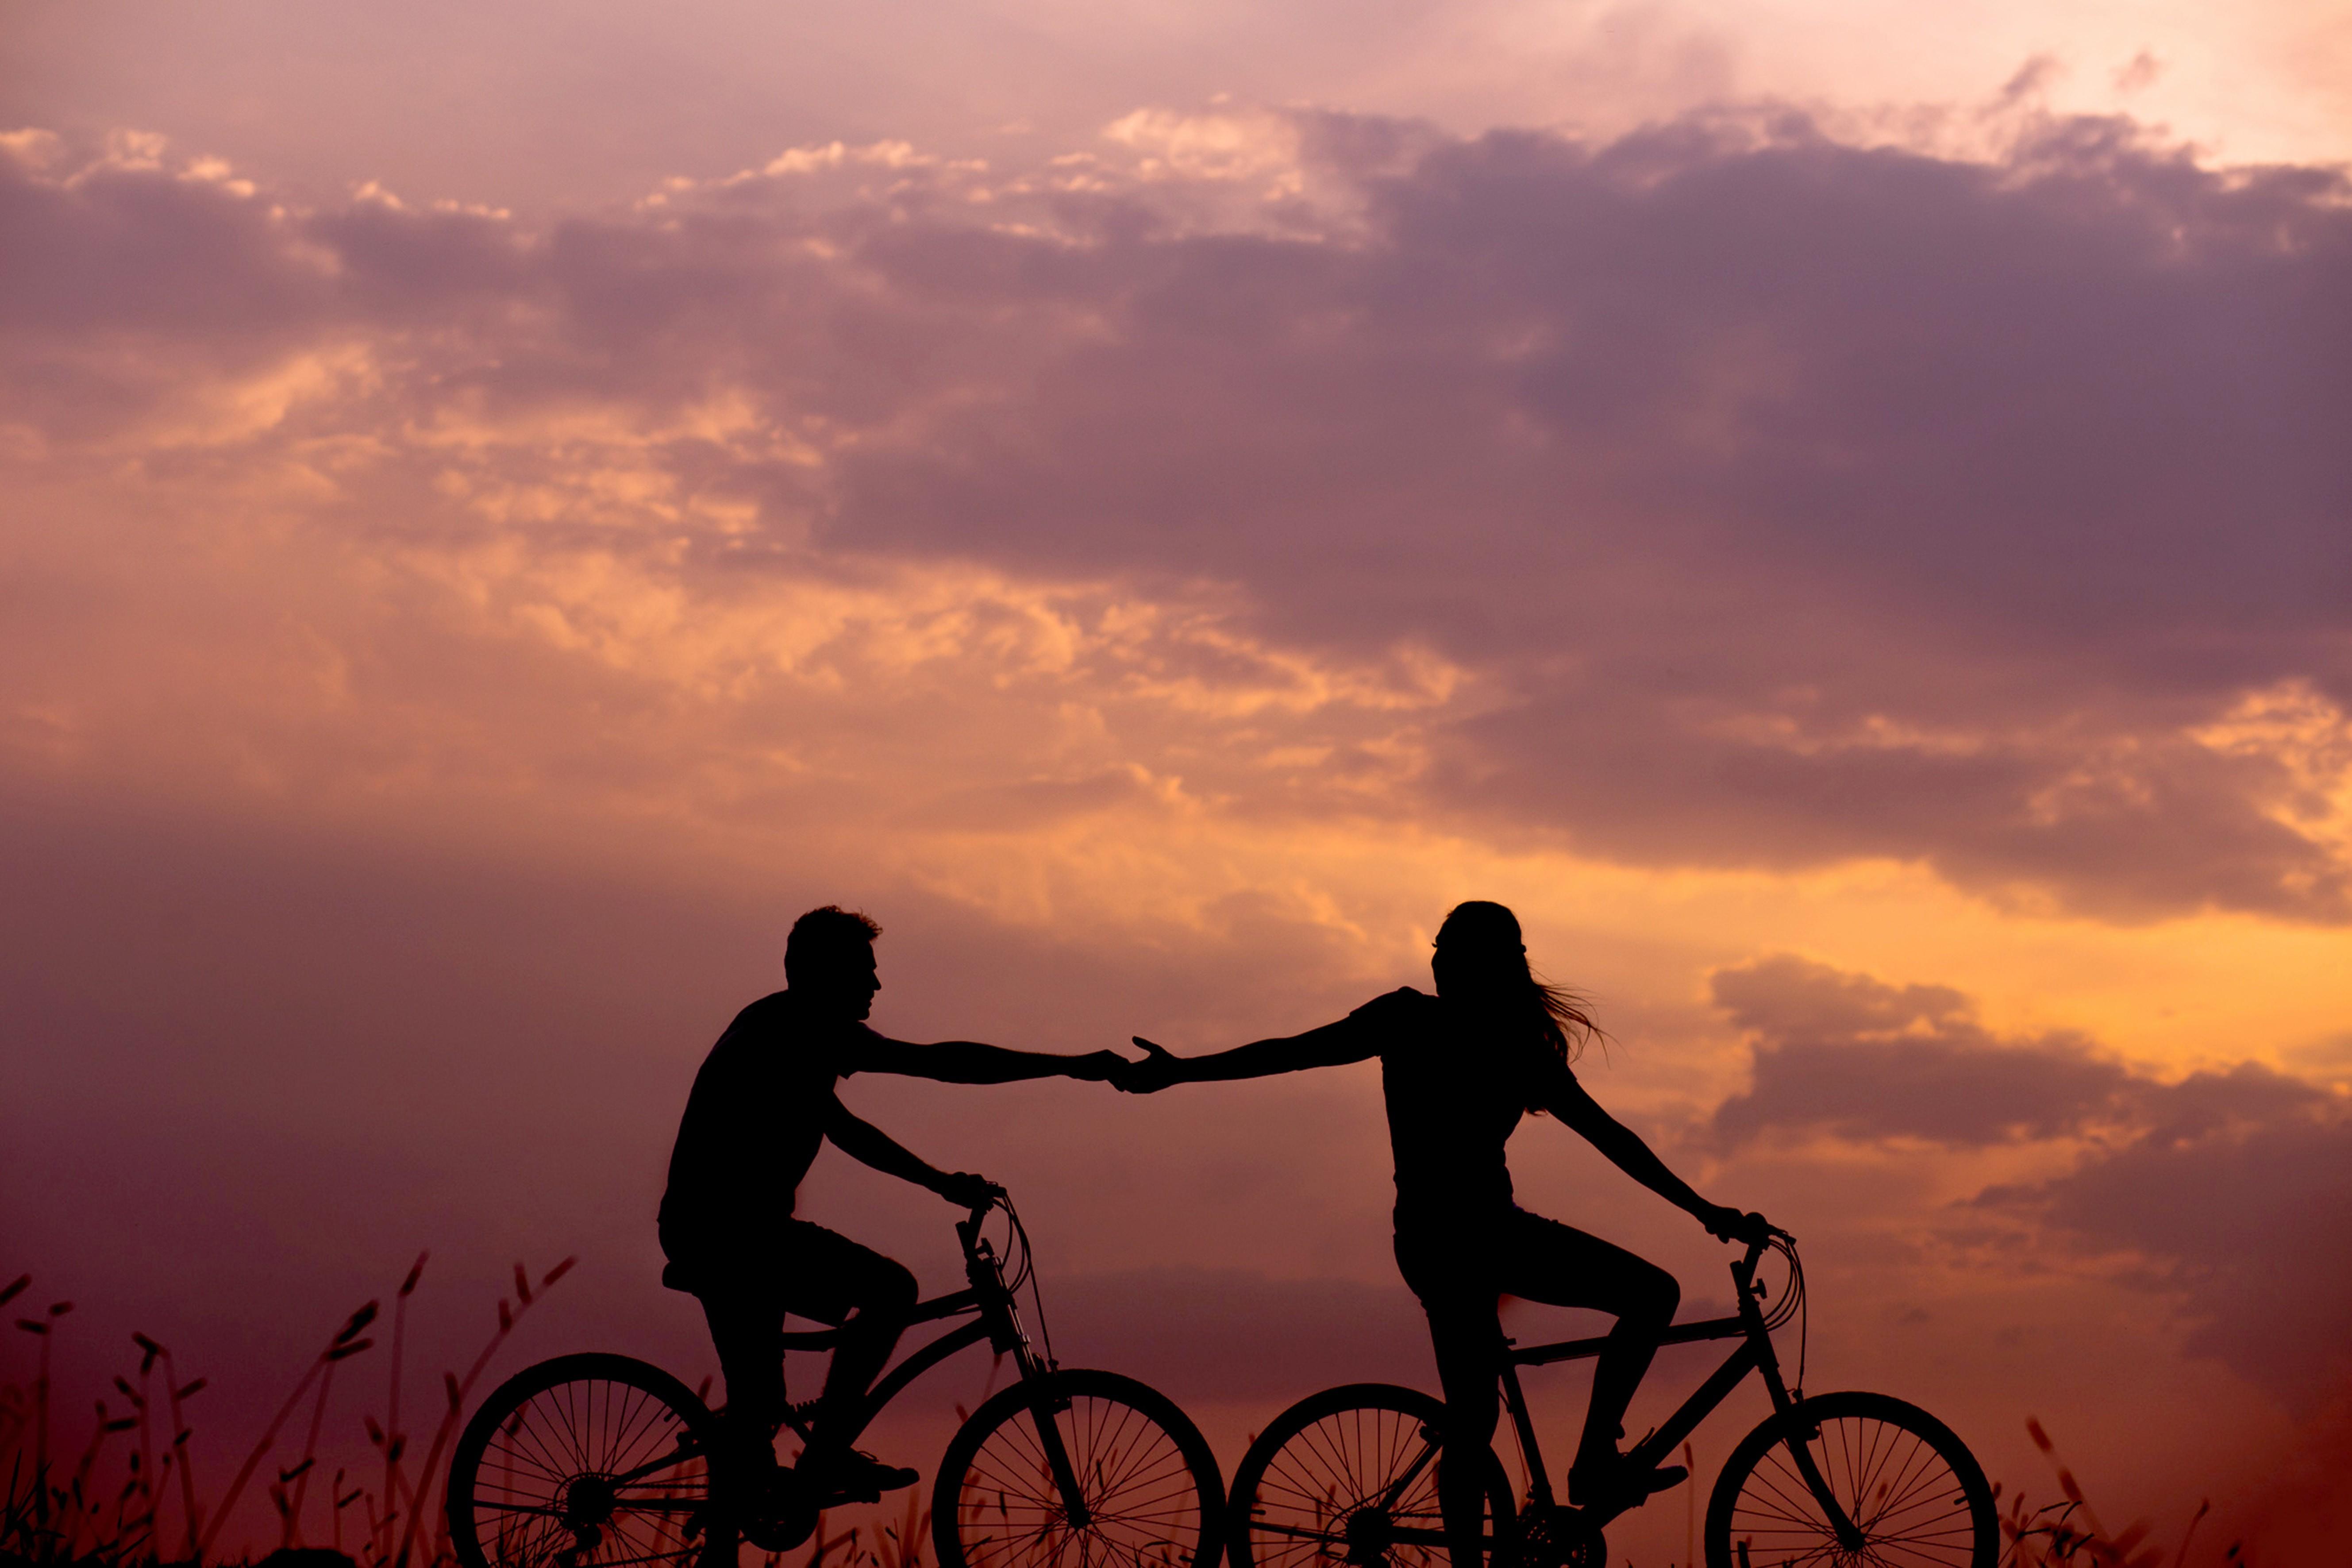 Tanultok egymástól vagy elfejlődtök egymás mellett?